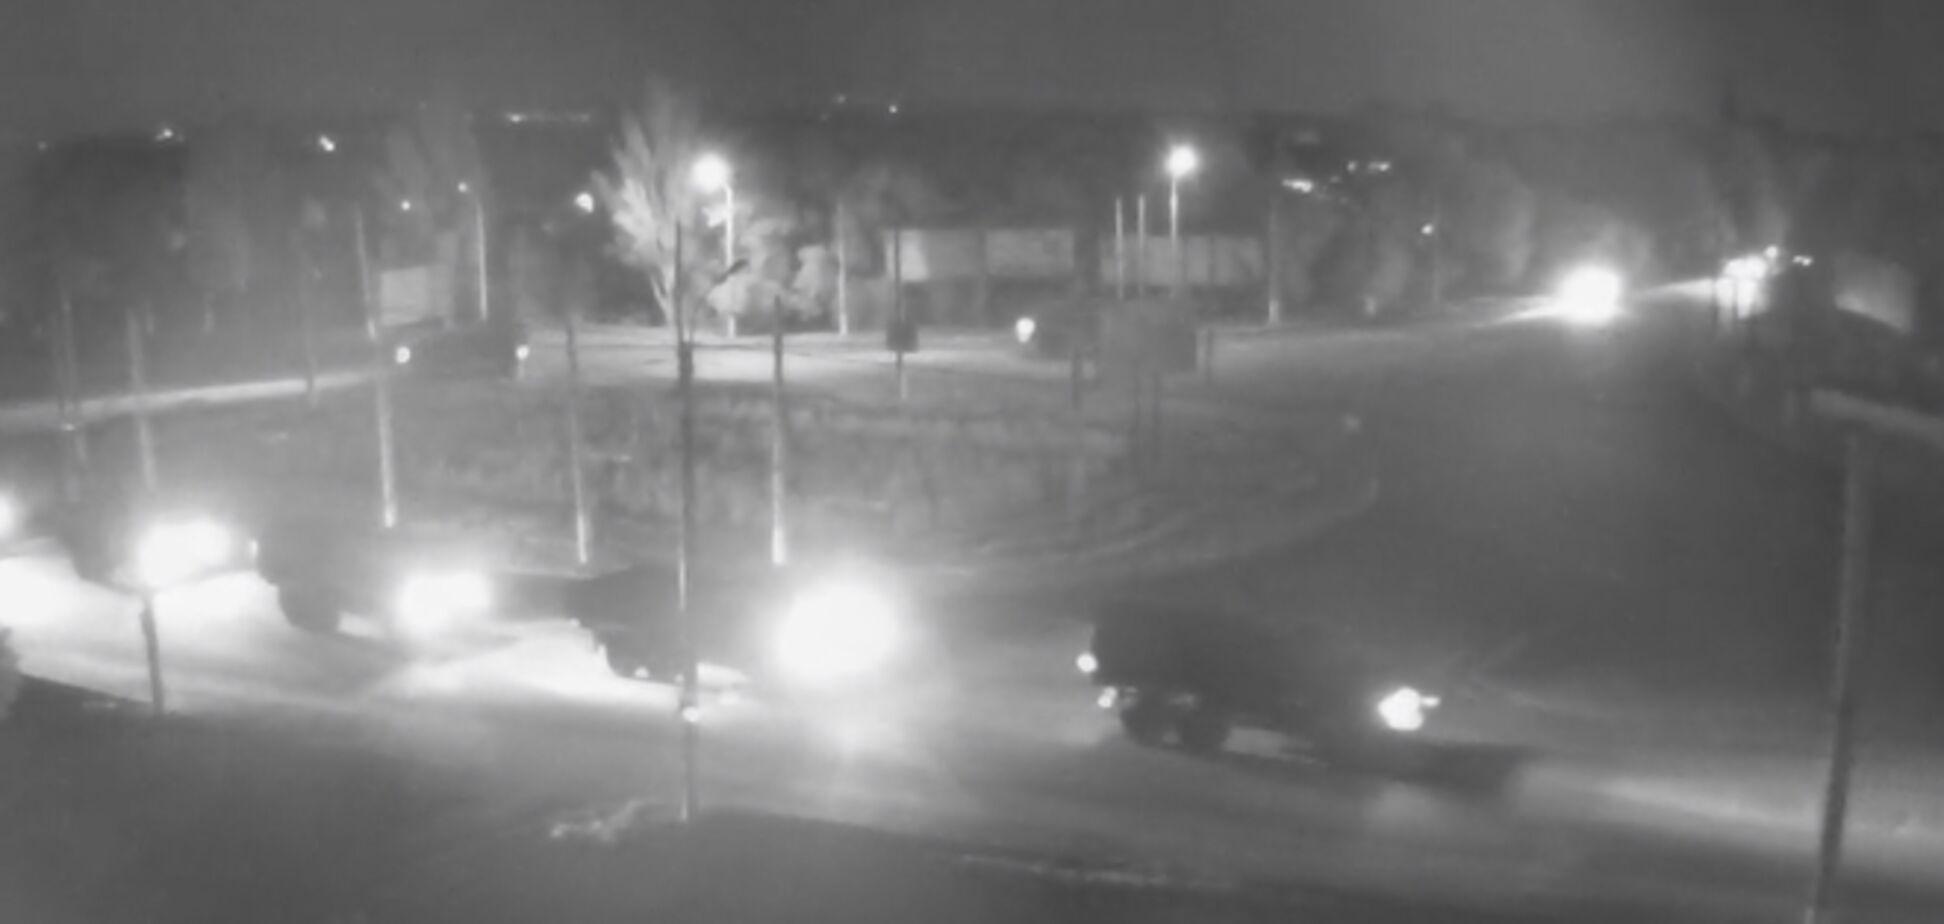 В Луганск вошла колонна из десяти грузовиков, террористы укрепяют позиции – СМИ